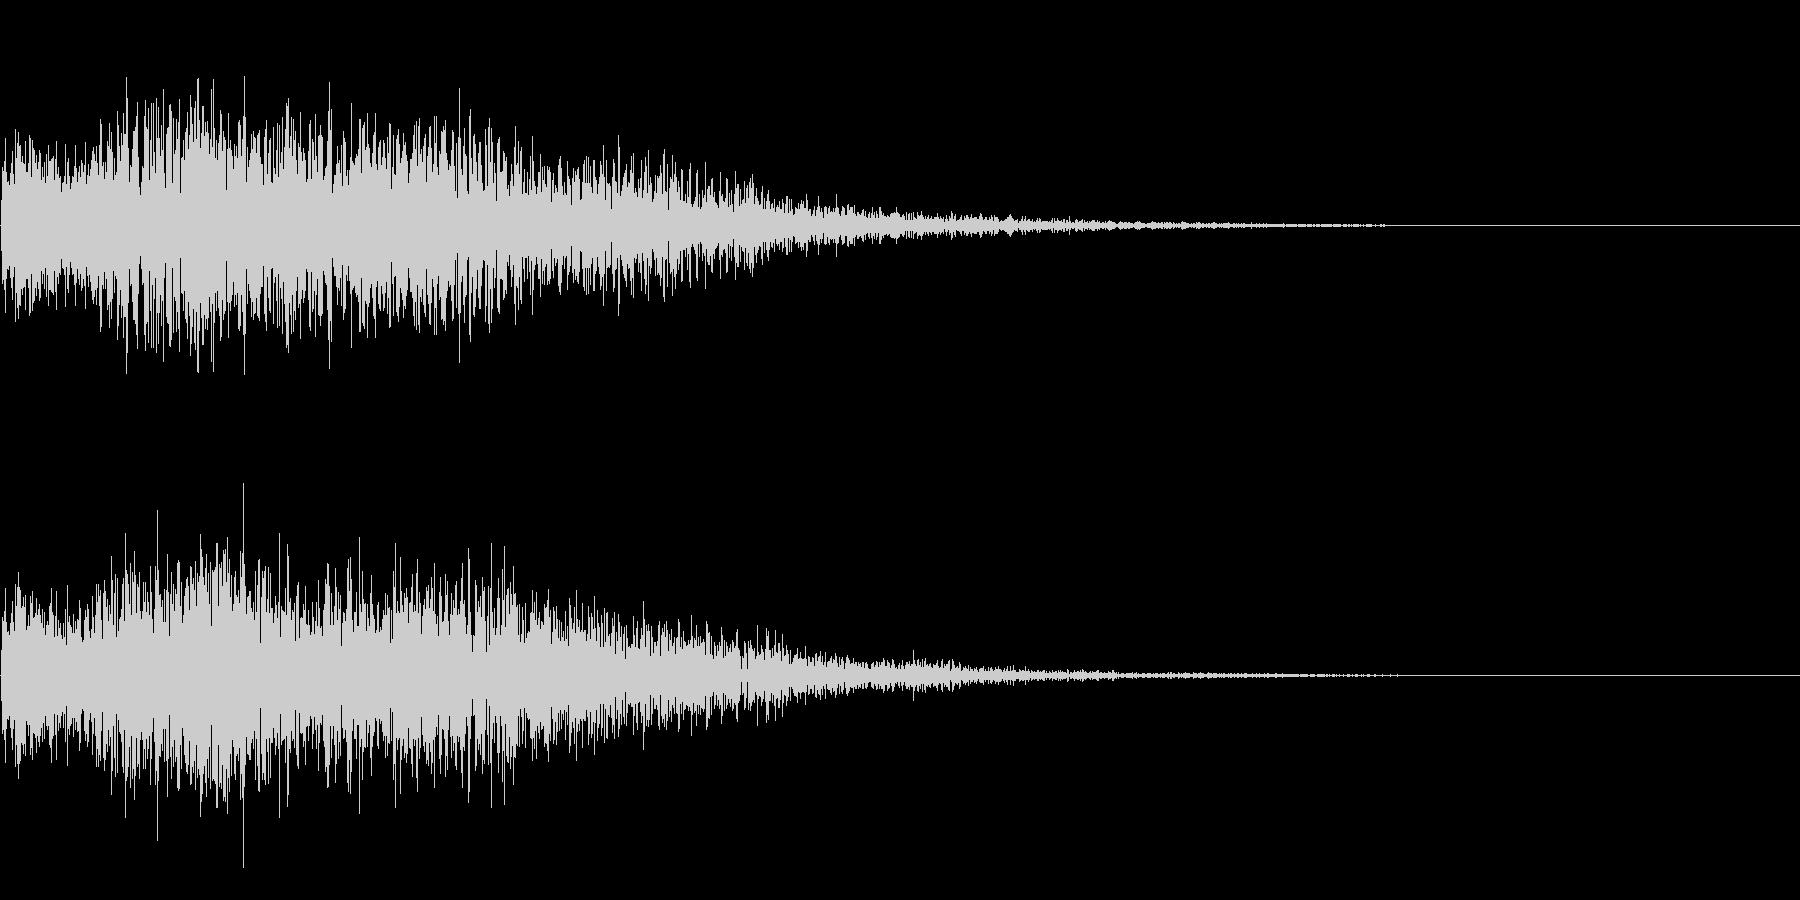 セレクト 選択 決定 ボタン押下音の未再生の波形